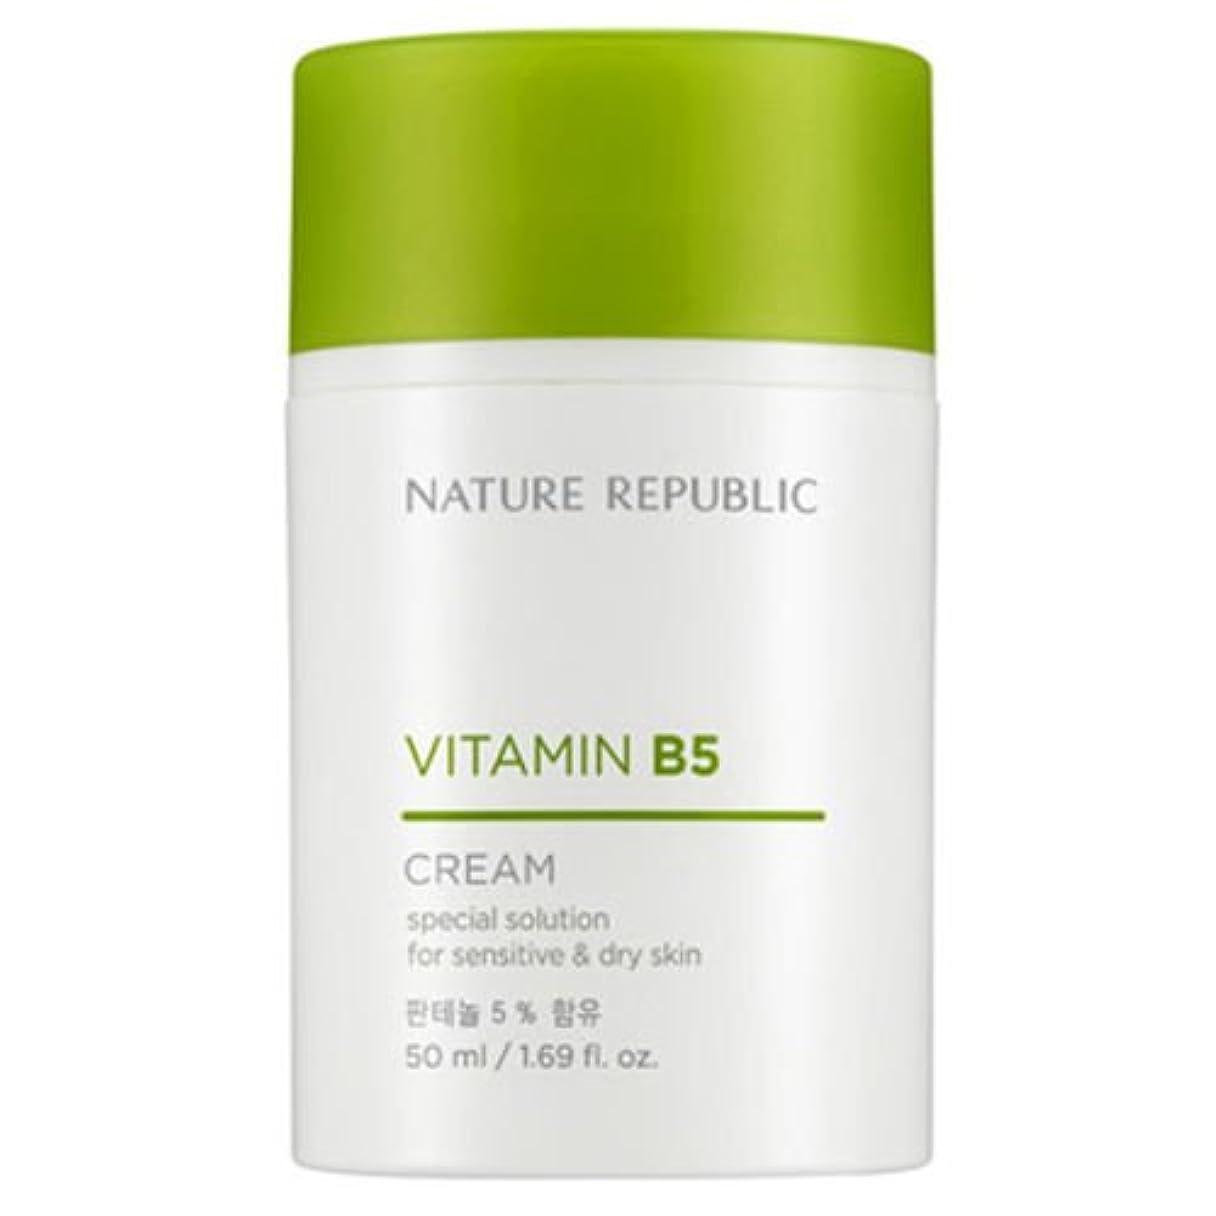 胴体モス復活させるNATURE REPUBLIC Vitamin B5 Series [並行輸入品] (Cream)